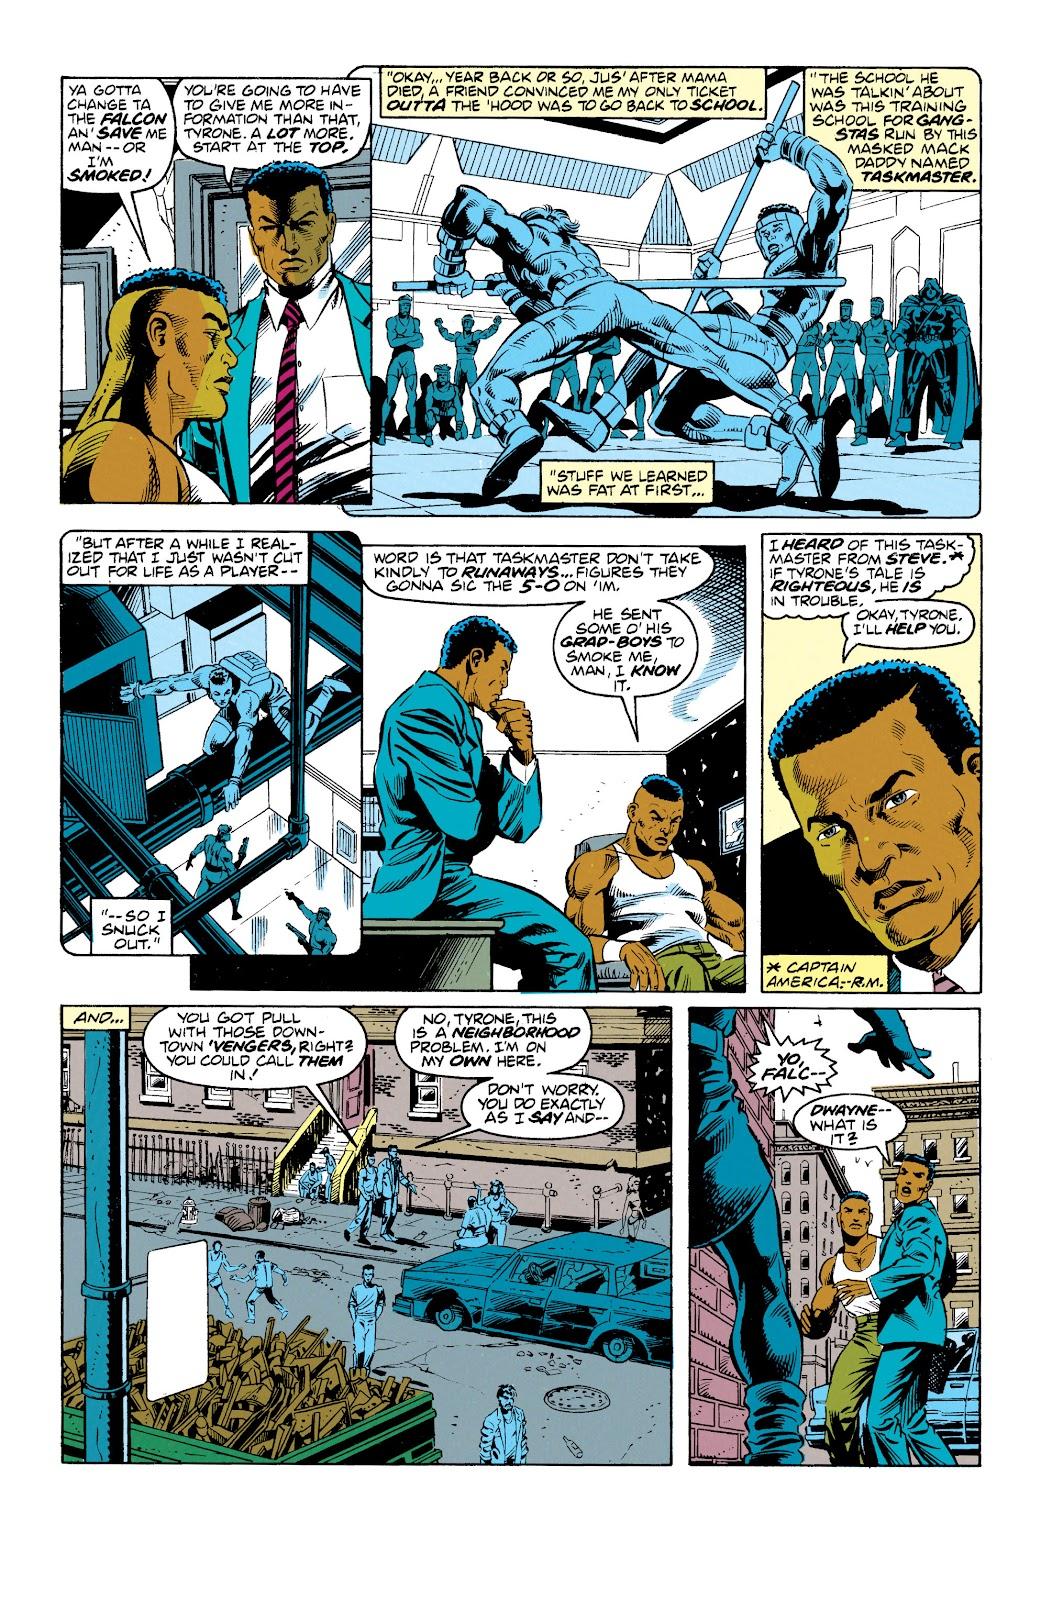 Read online Avengers: Citizen Kang comic -  Issue # TPB (Part 1) - 36